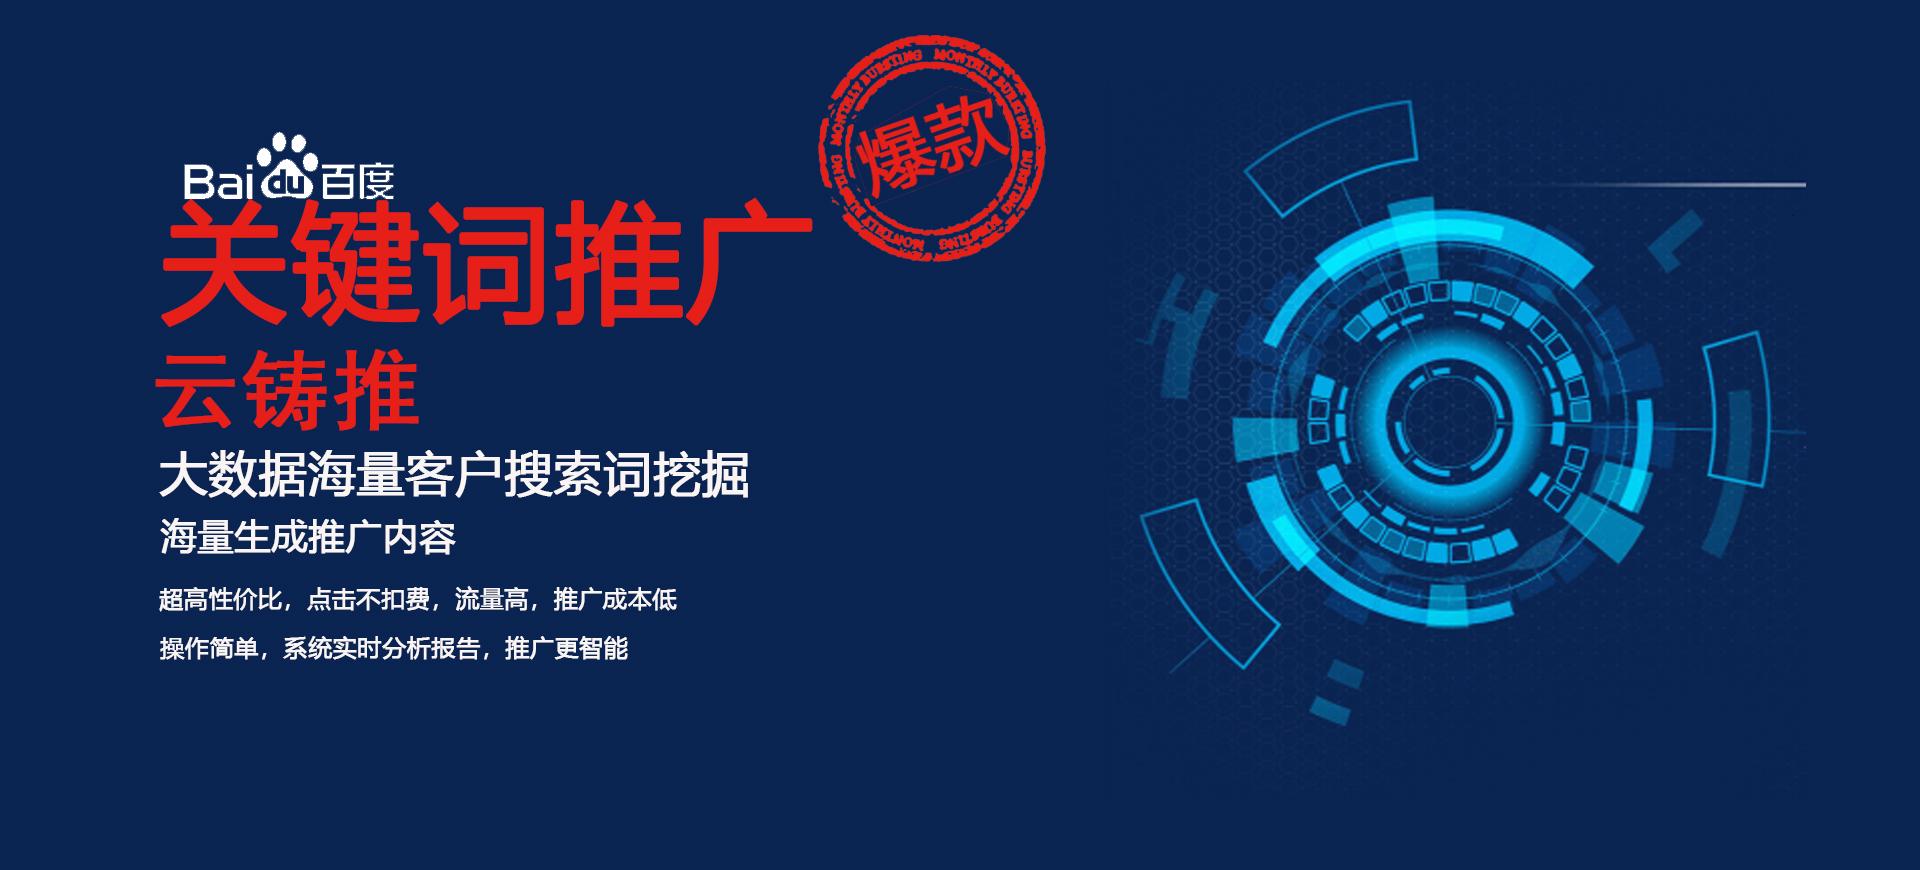 网络推广服务_营销推广相关-厦门赋使科技有限公司